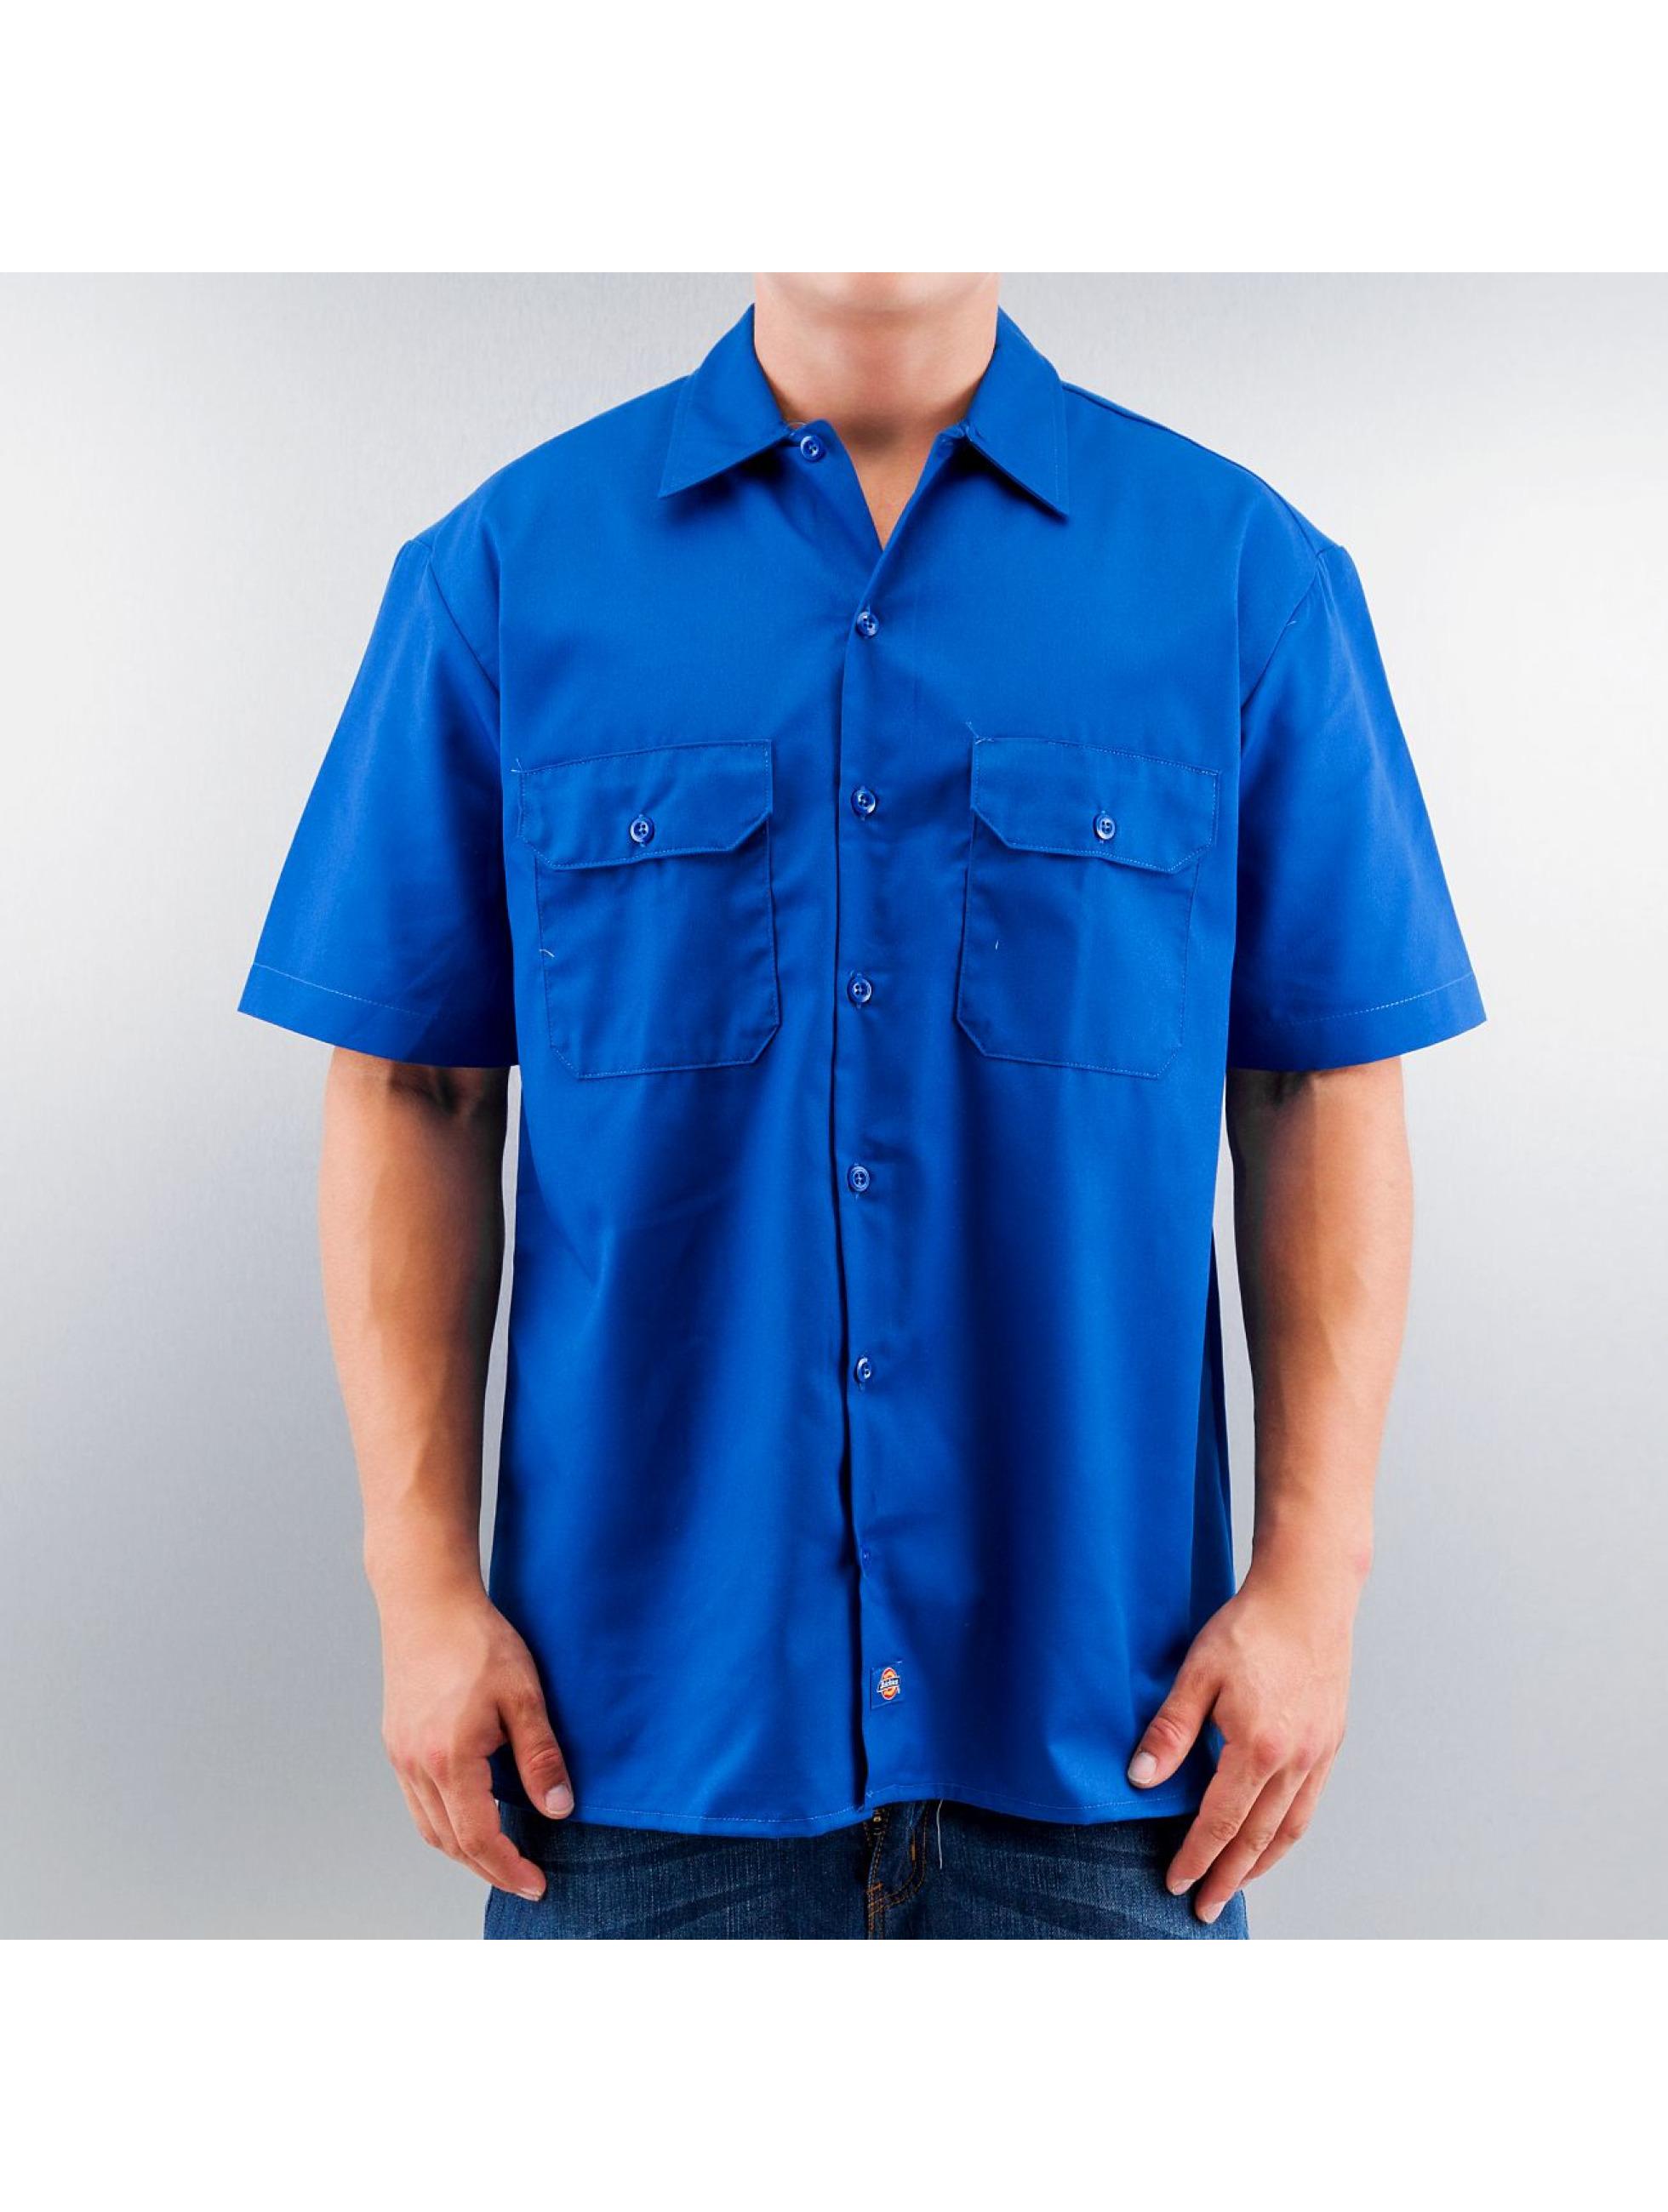 dickies hemd shorts sleeve work in blau 50134. Black Bedroom Furniture Sets. Home Design Ideas